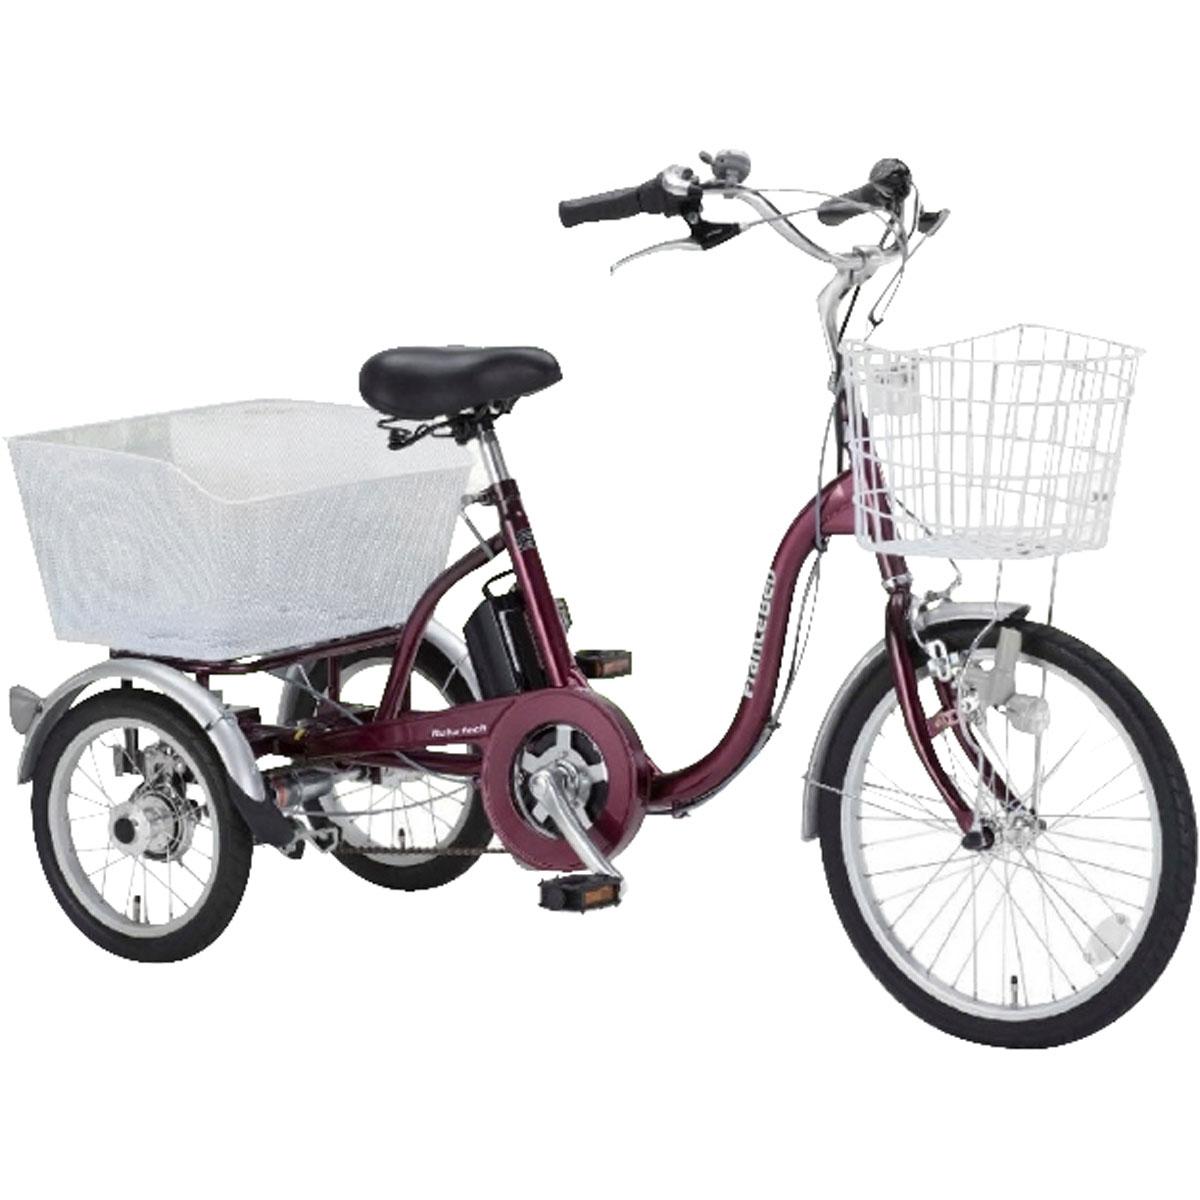 フランスベッド 電動アシスト三輪自転車 ASU-3W01 エンジ色